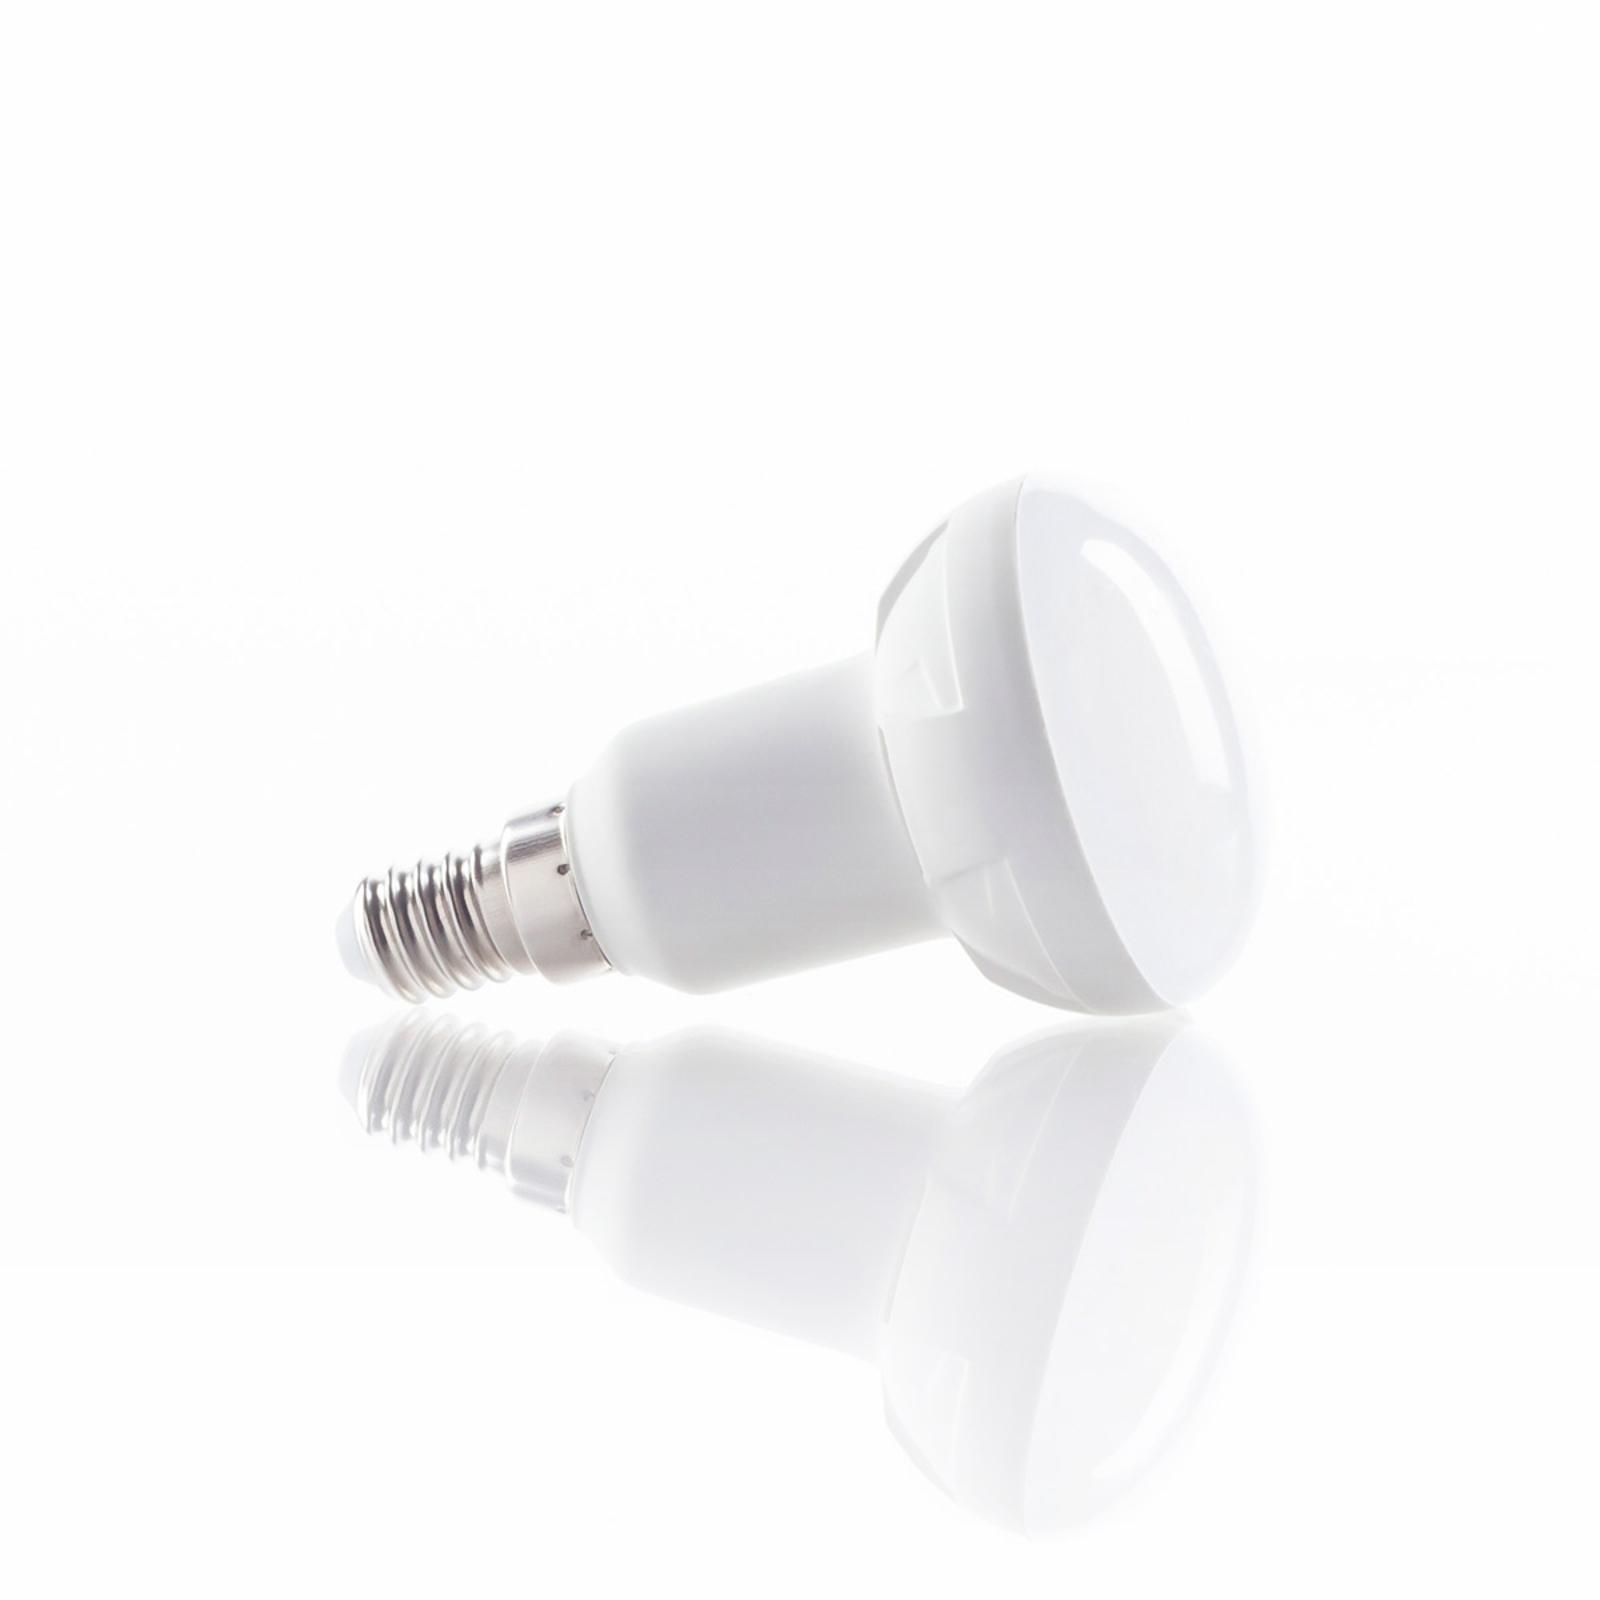 E14 7W 830 LED-reflektorlampa varmvit 120 grader